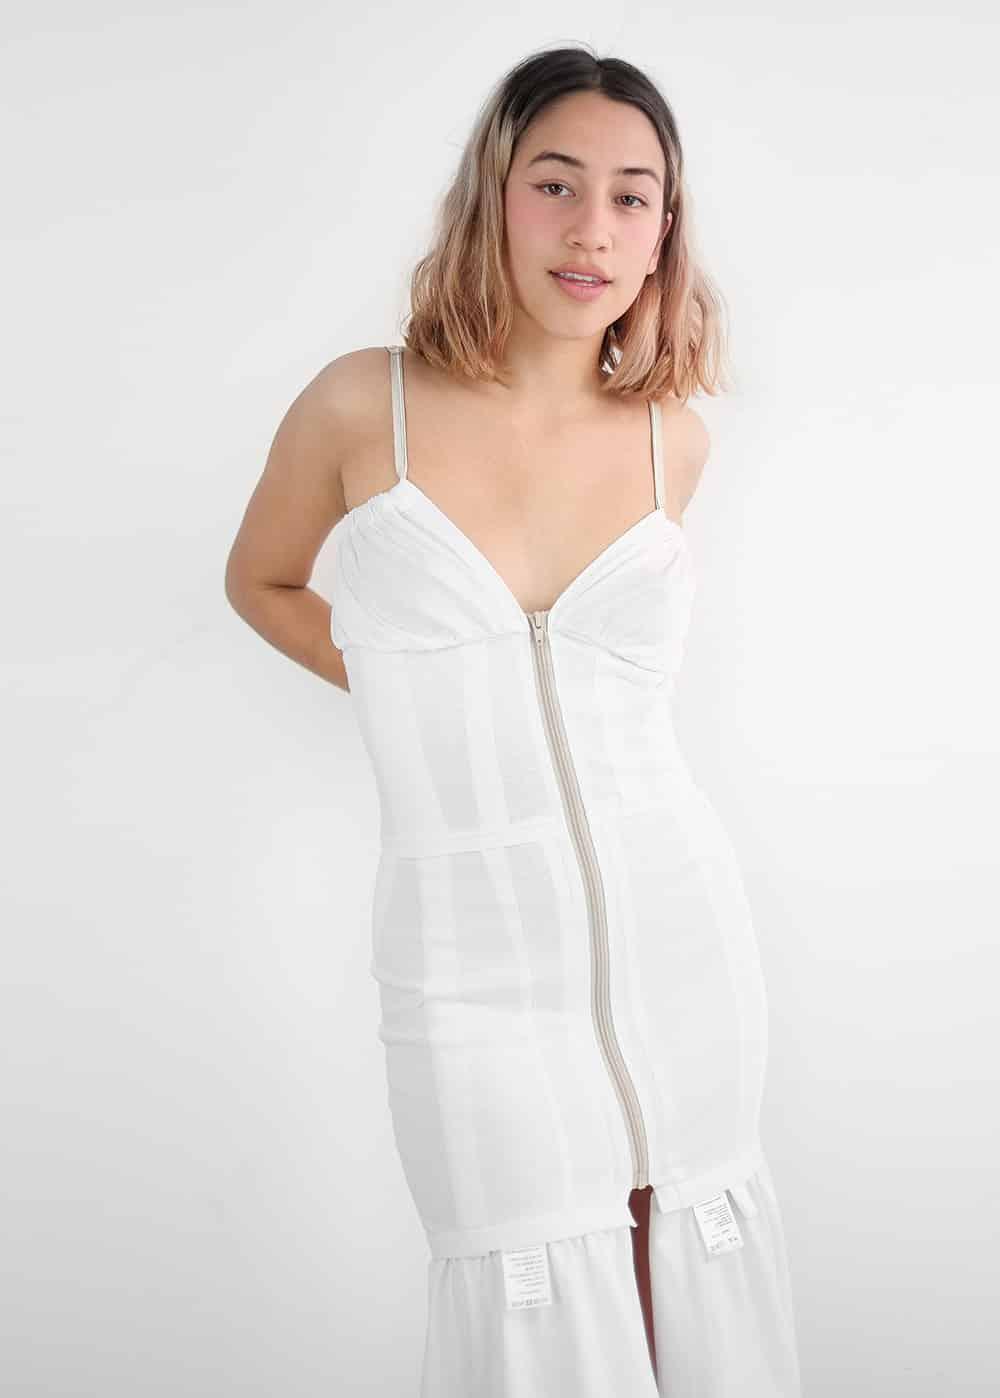 T-Shirt Dress 109